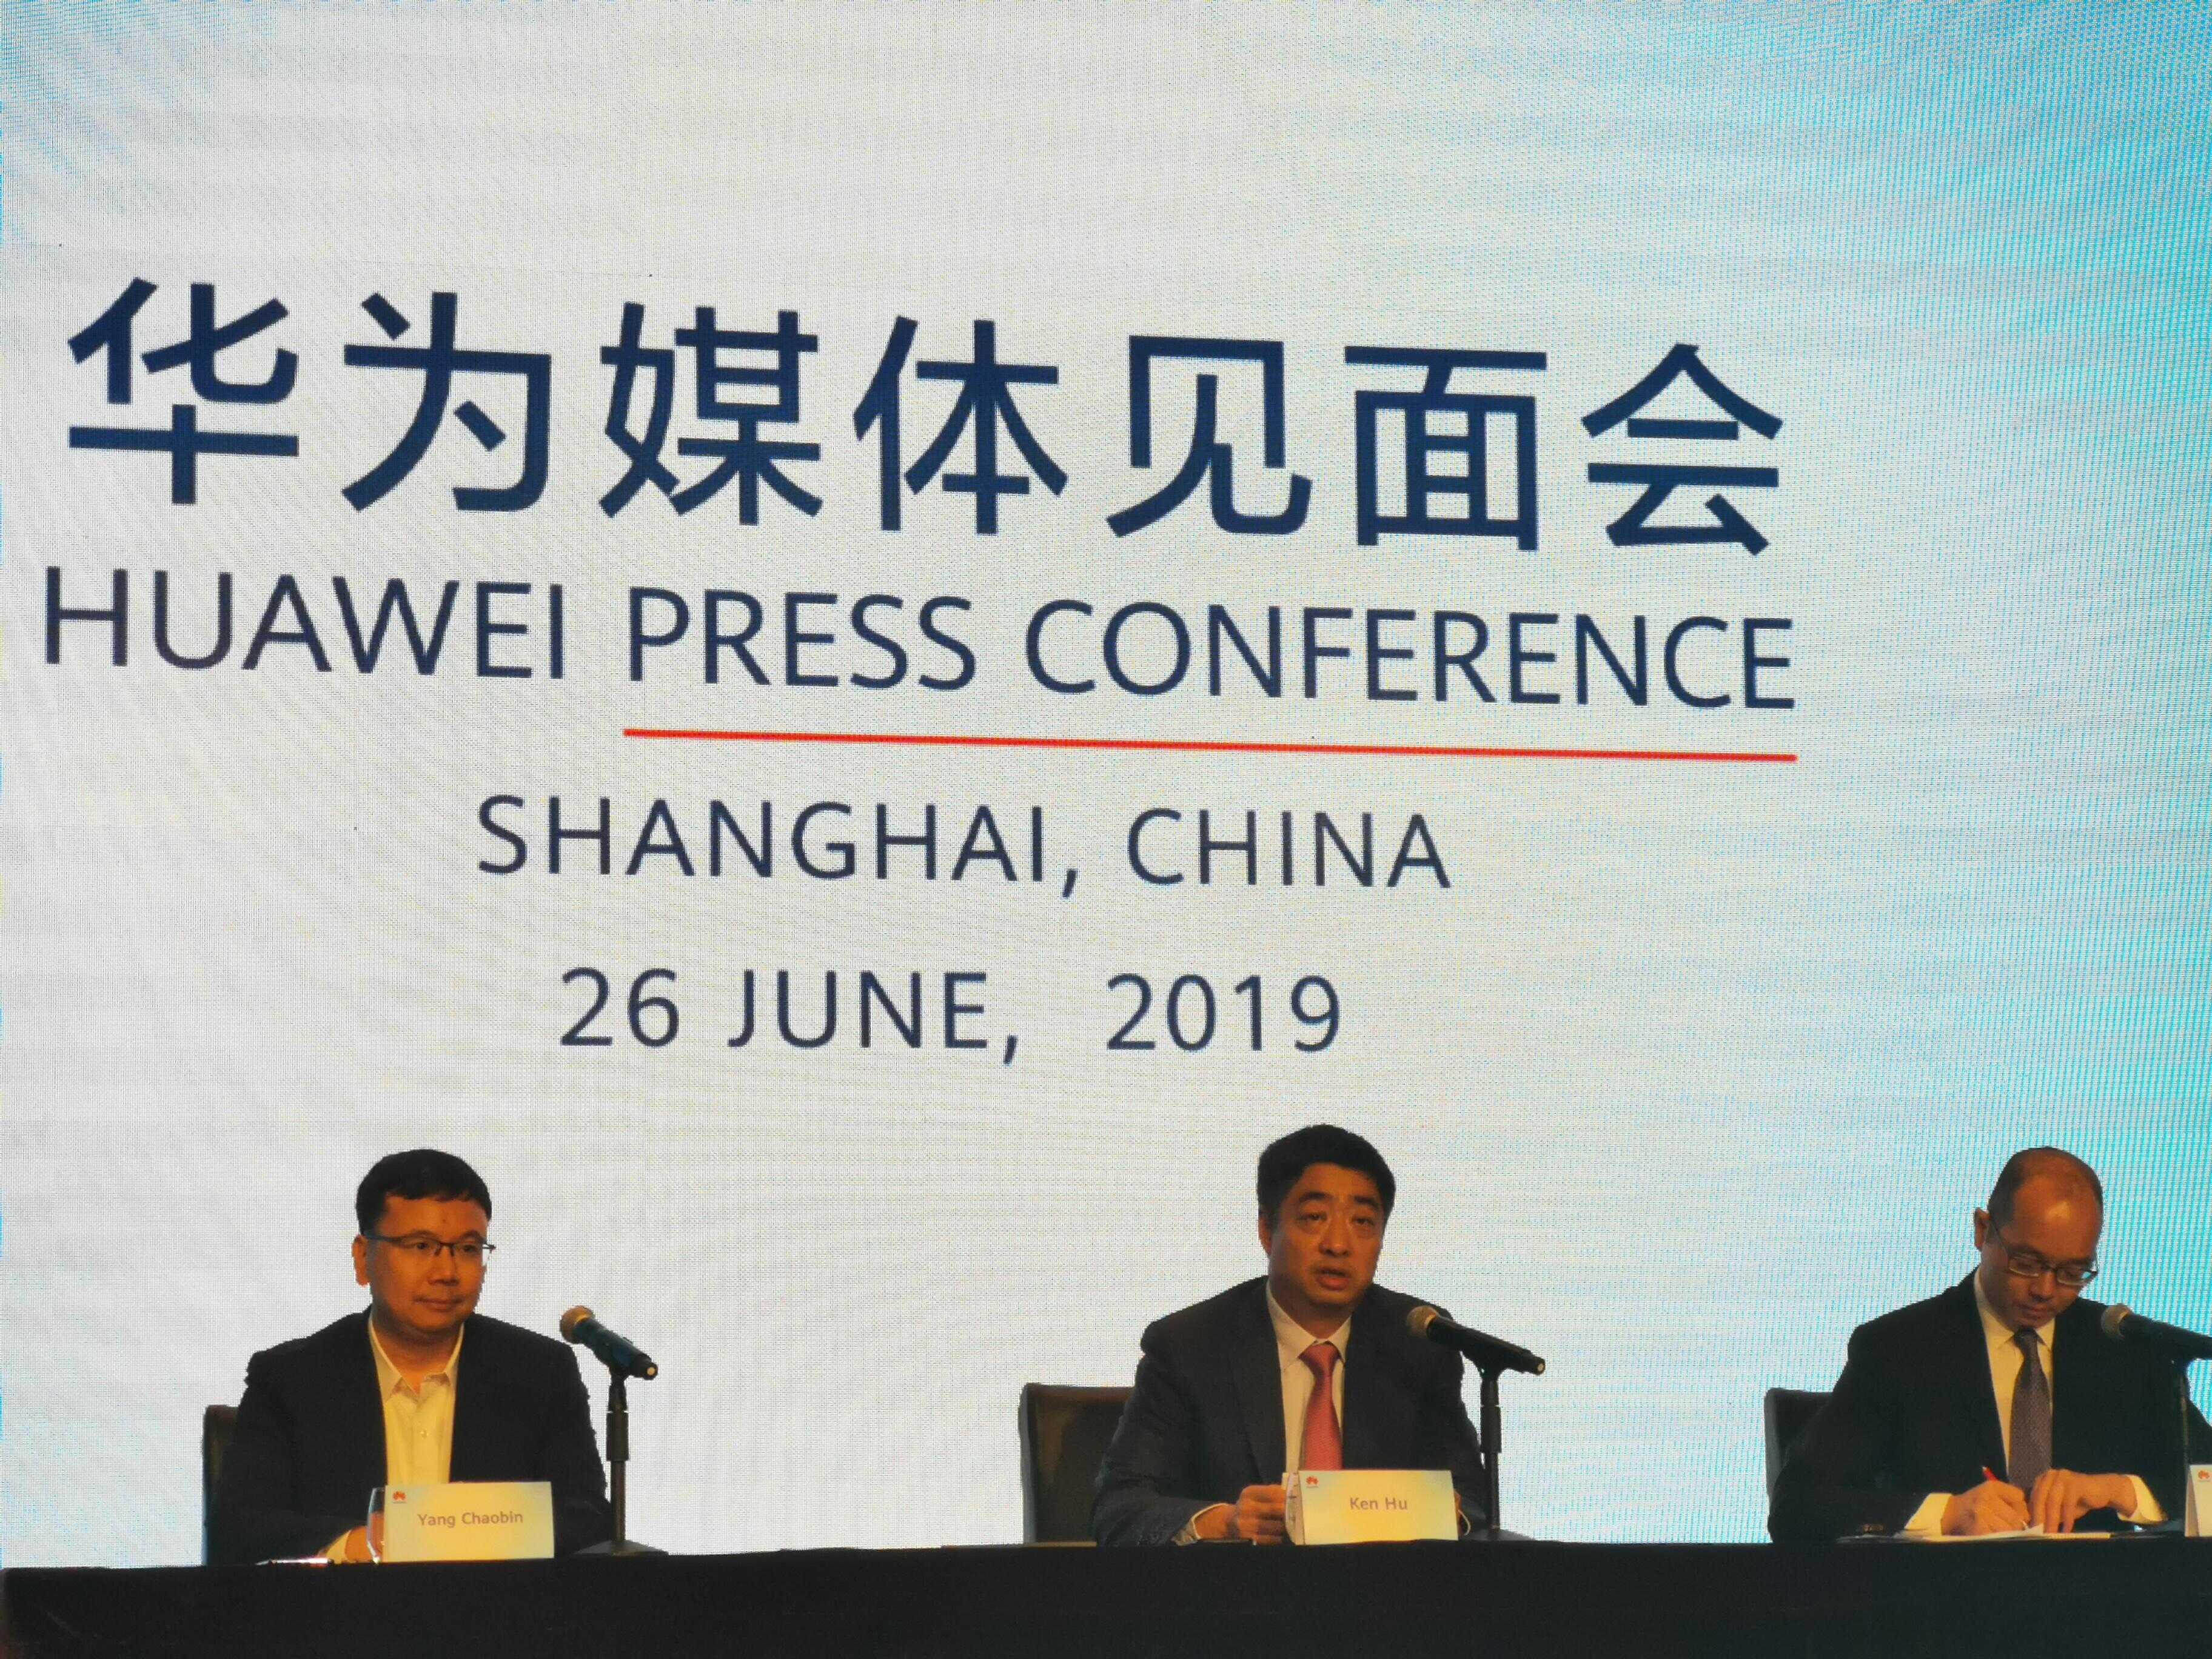 胡厚崑:2019 年底华为 5G 基站发货将增至 50 万个